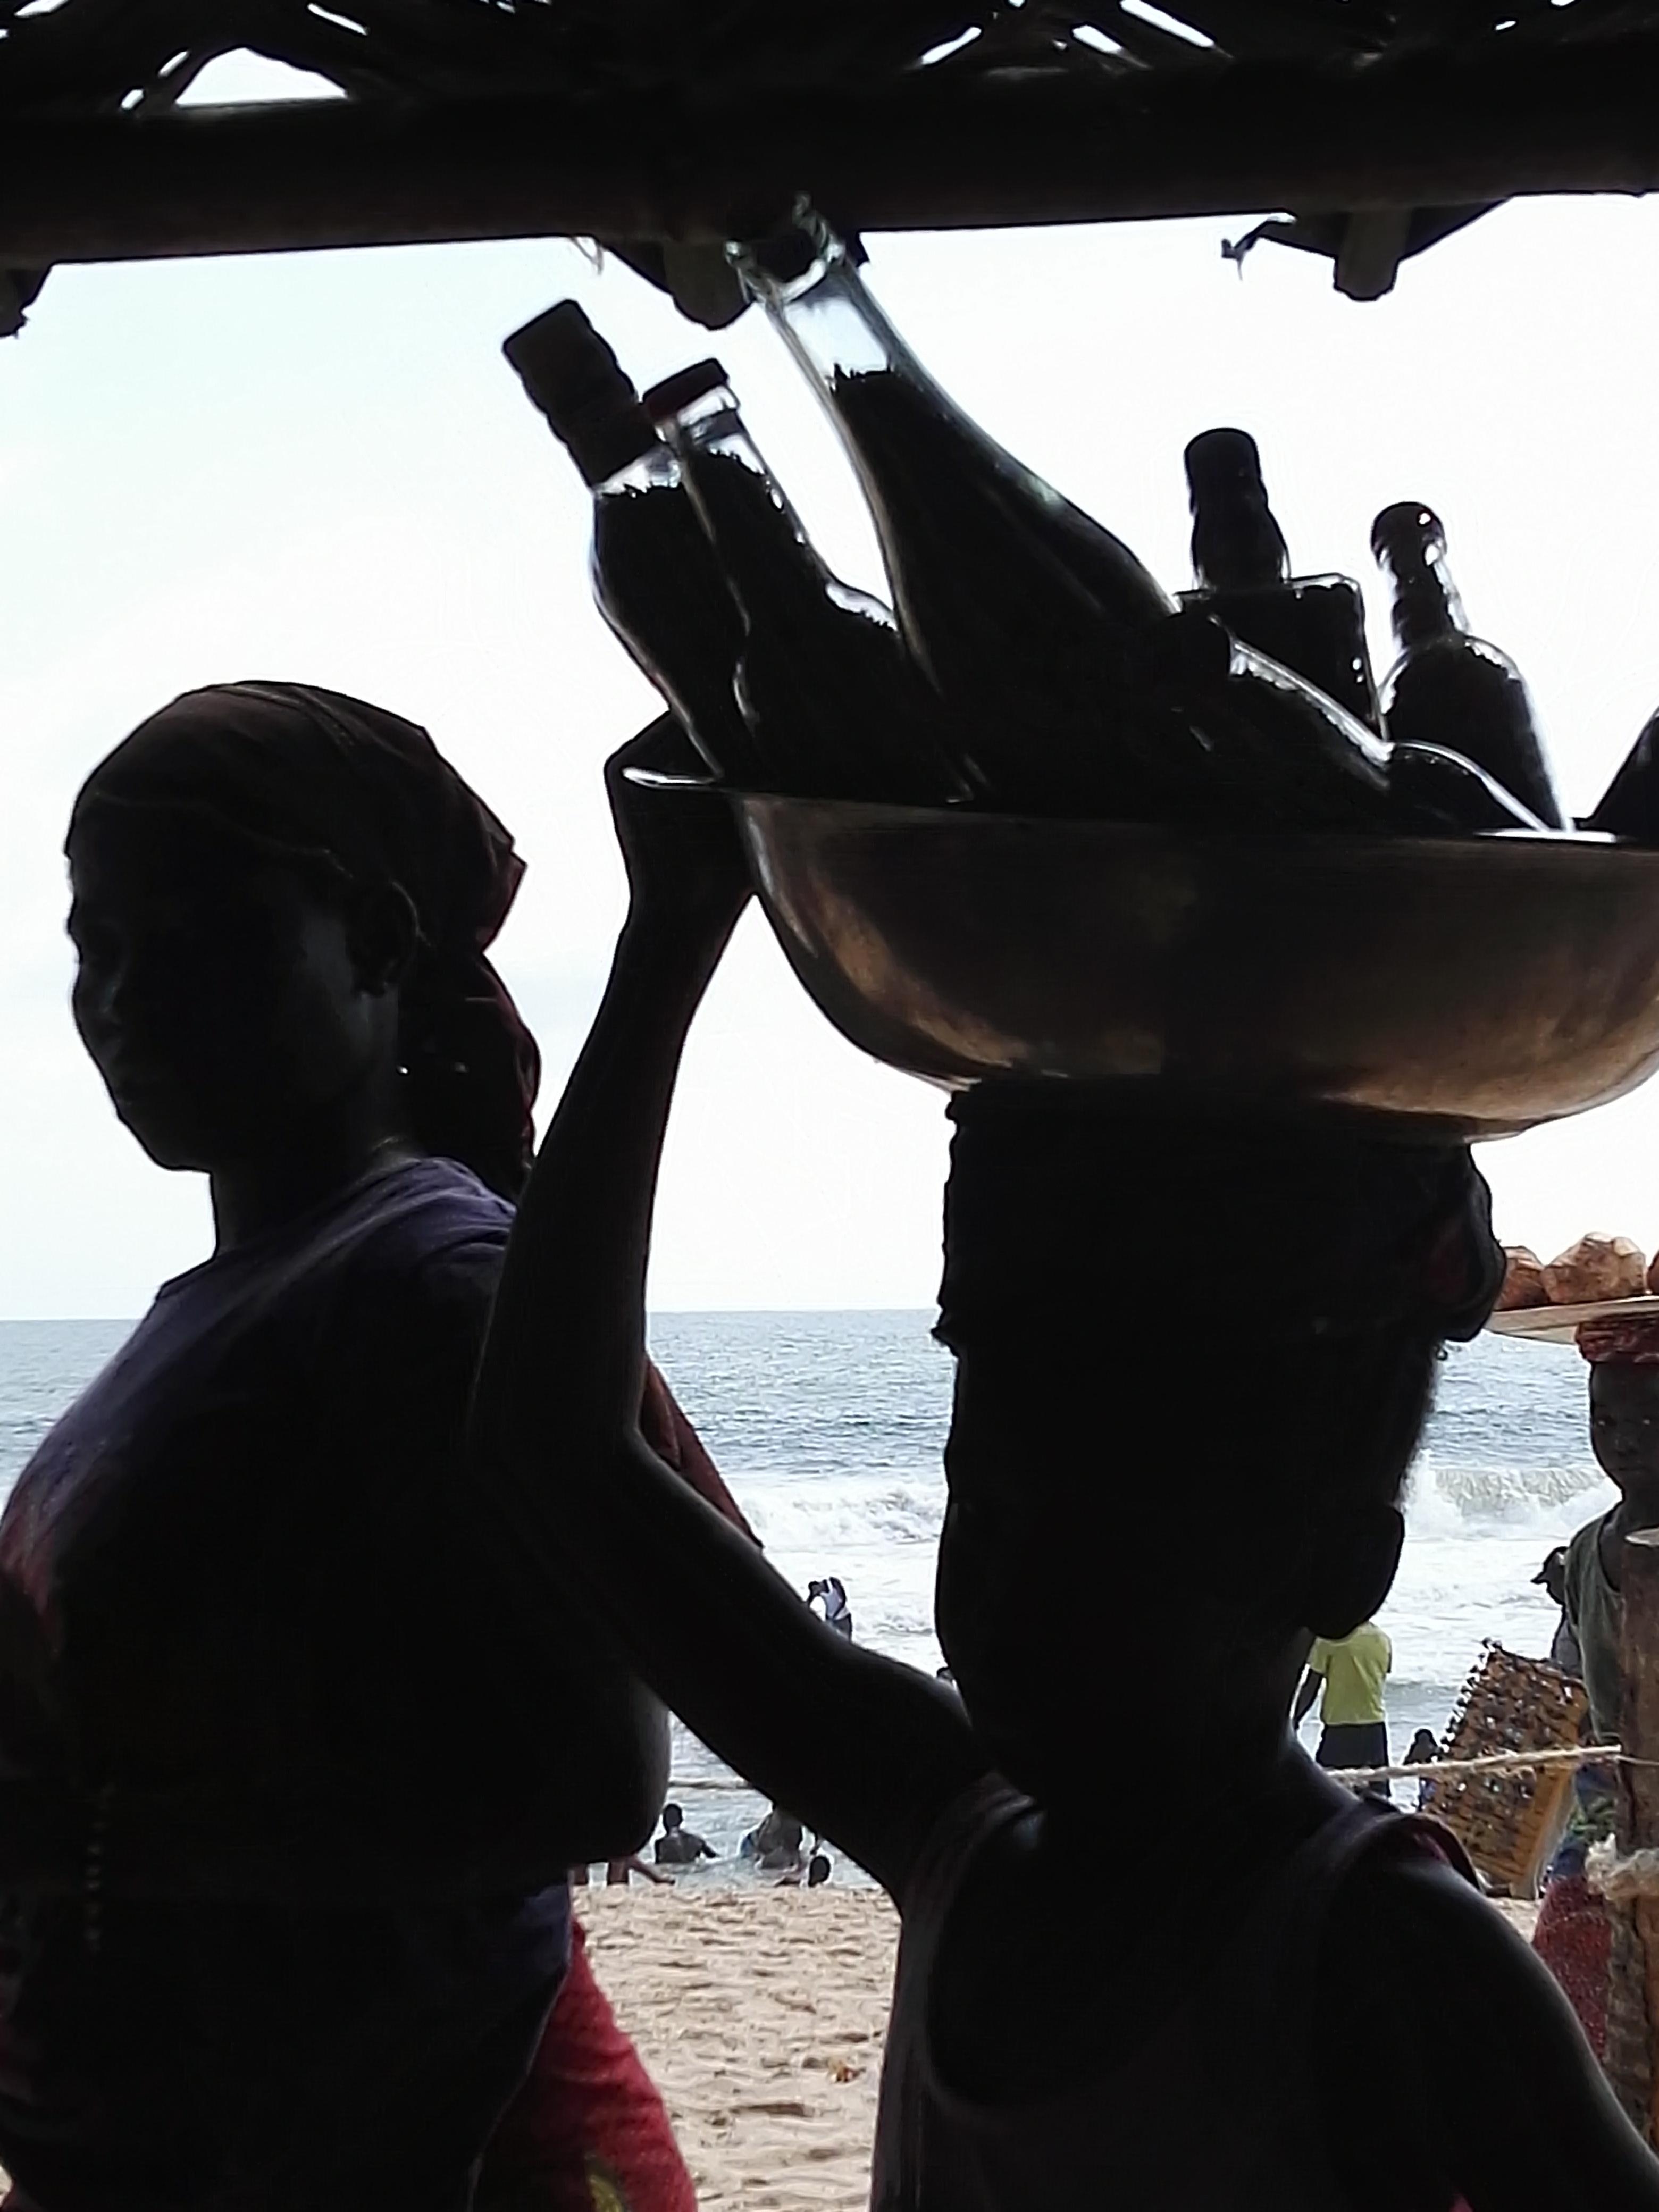 Charte Africaine des Droits de l'Homme et des Peuples